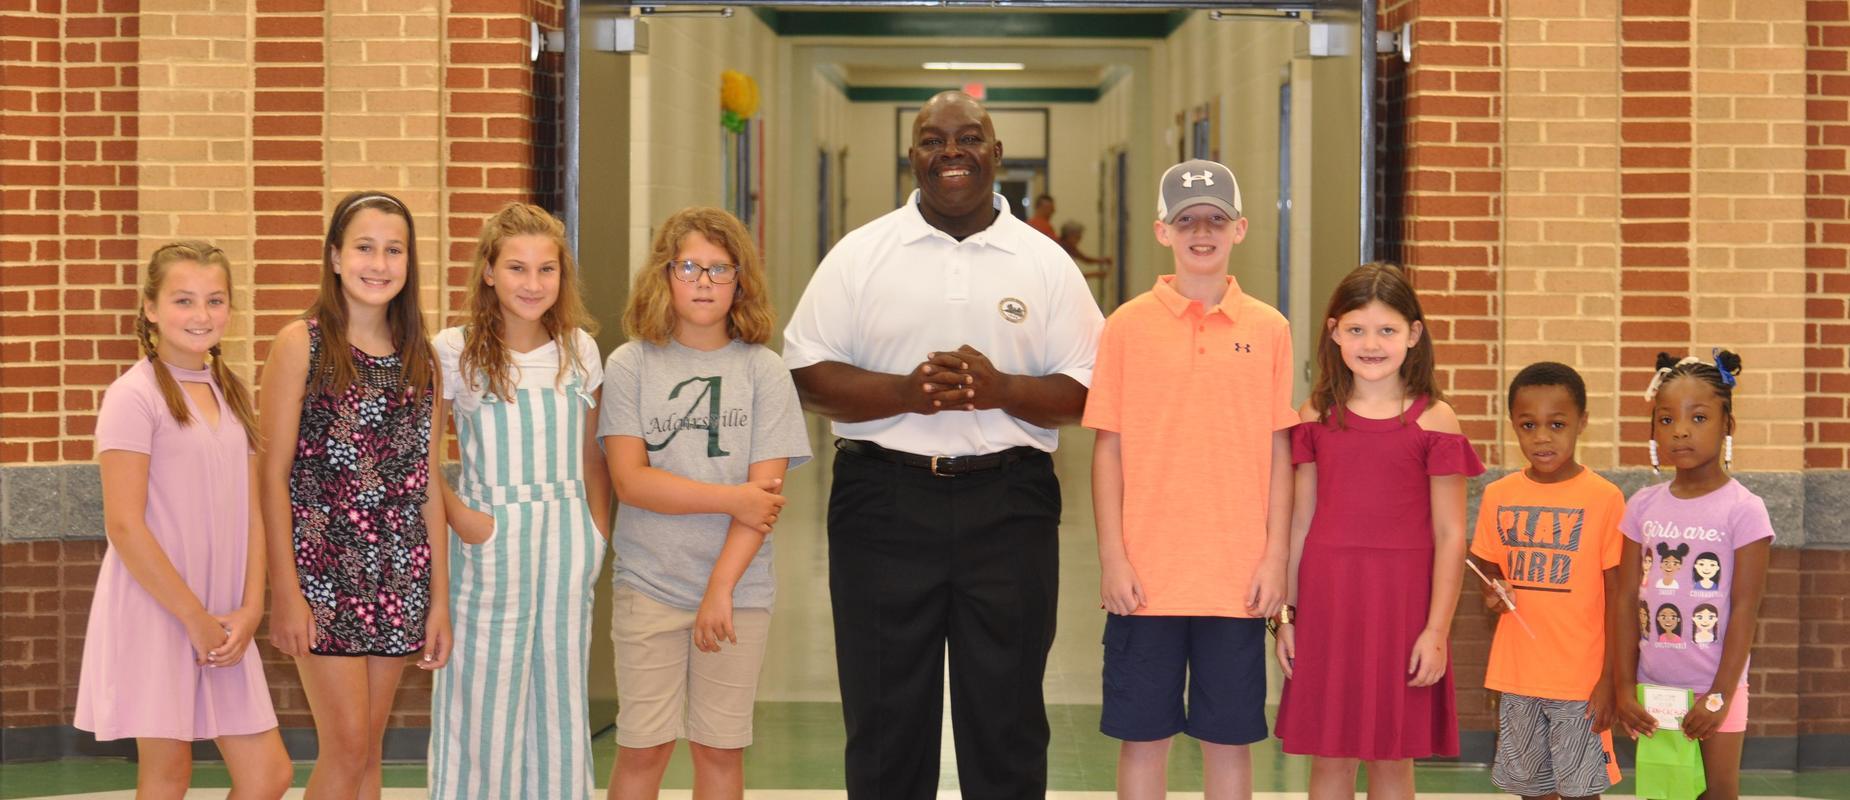 Adairsville mayor visits AES